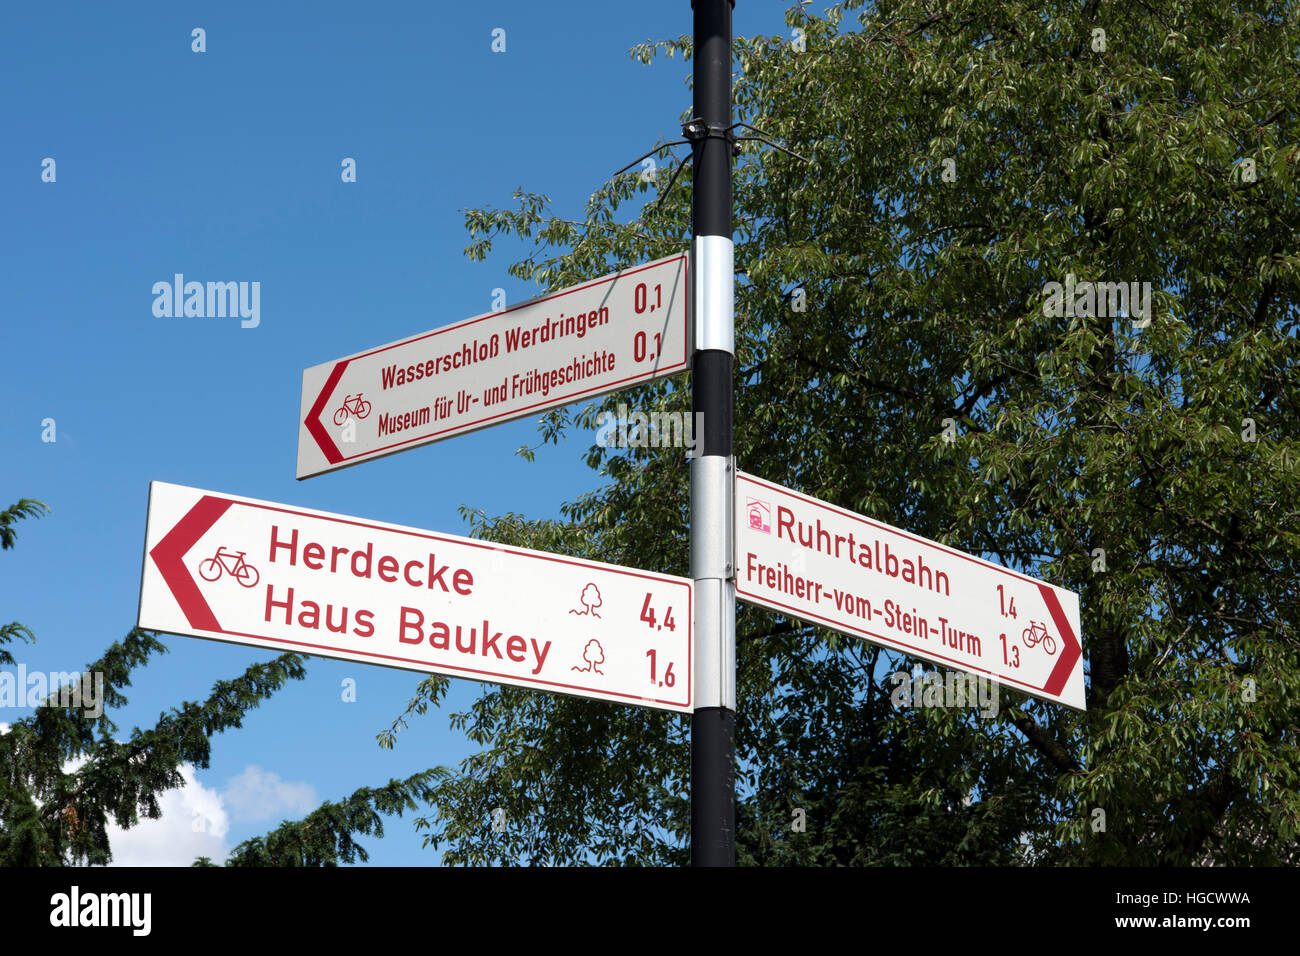 Deutschland, Nordrhein-Westfalen, Hagen, Radwegweiser beim Wasserschloss Werdringen - Stock Image